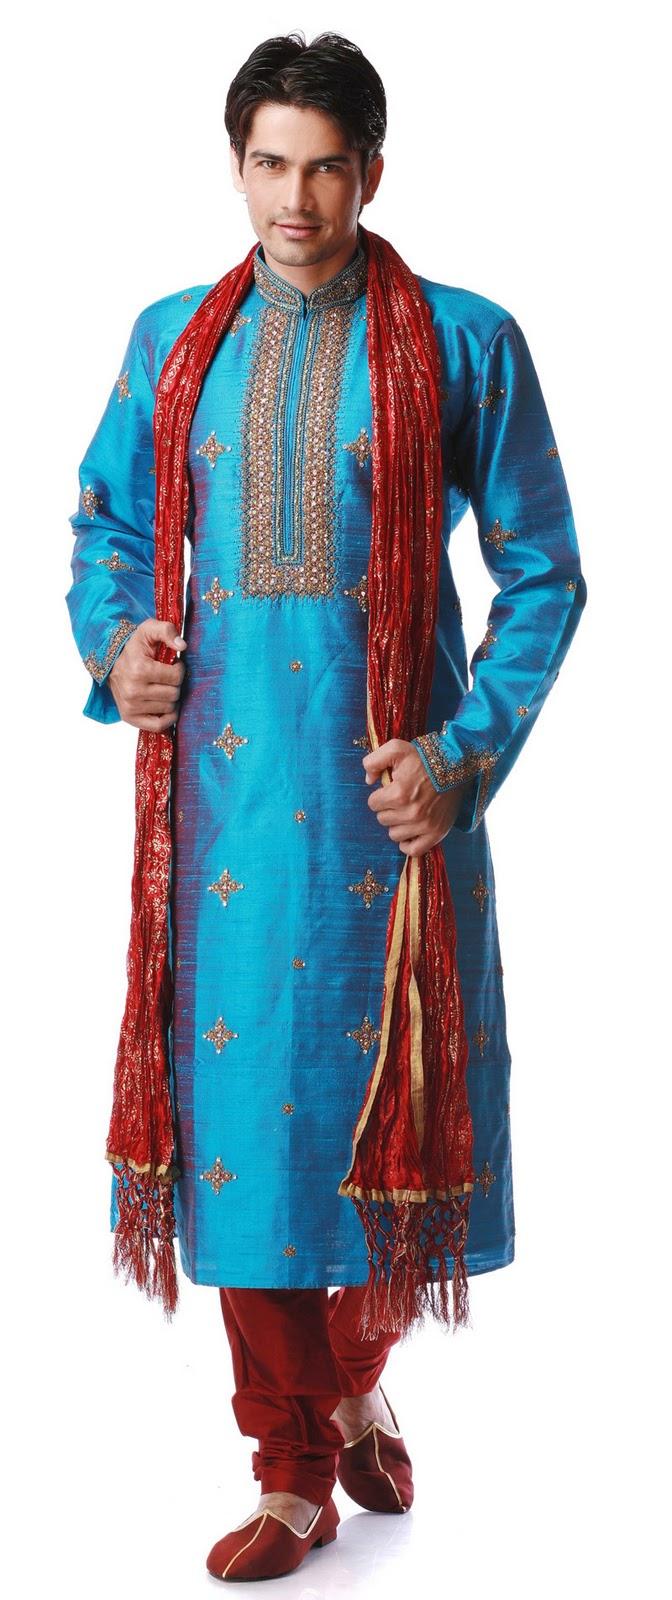 oppza glamorous world indian traditional clothing